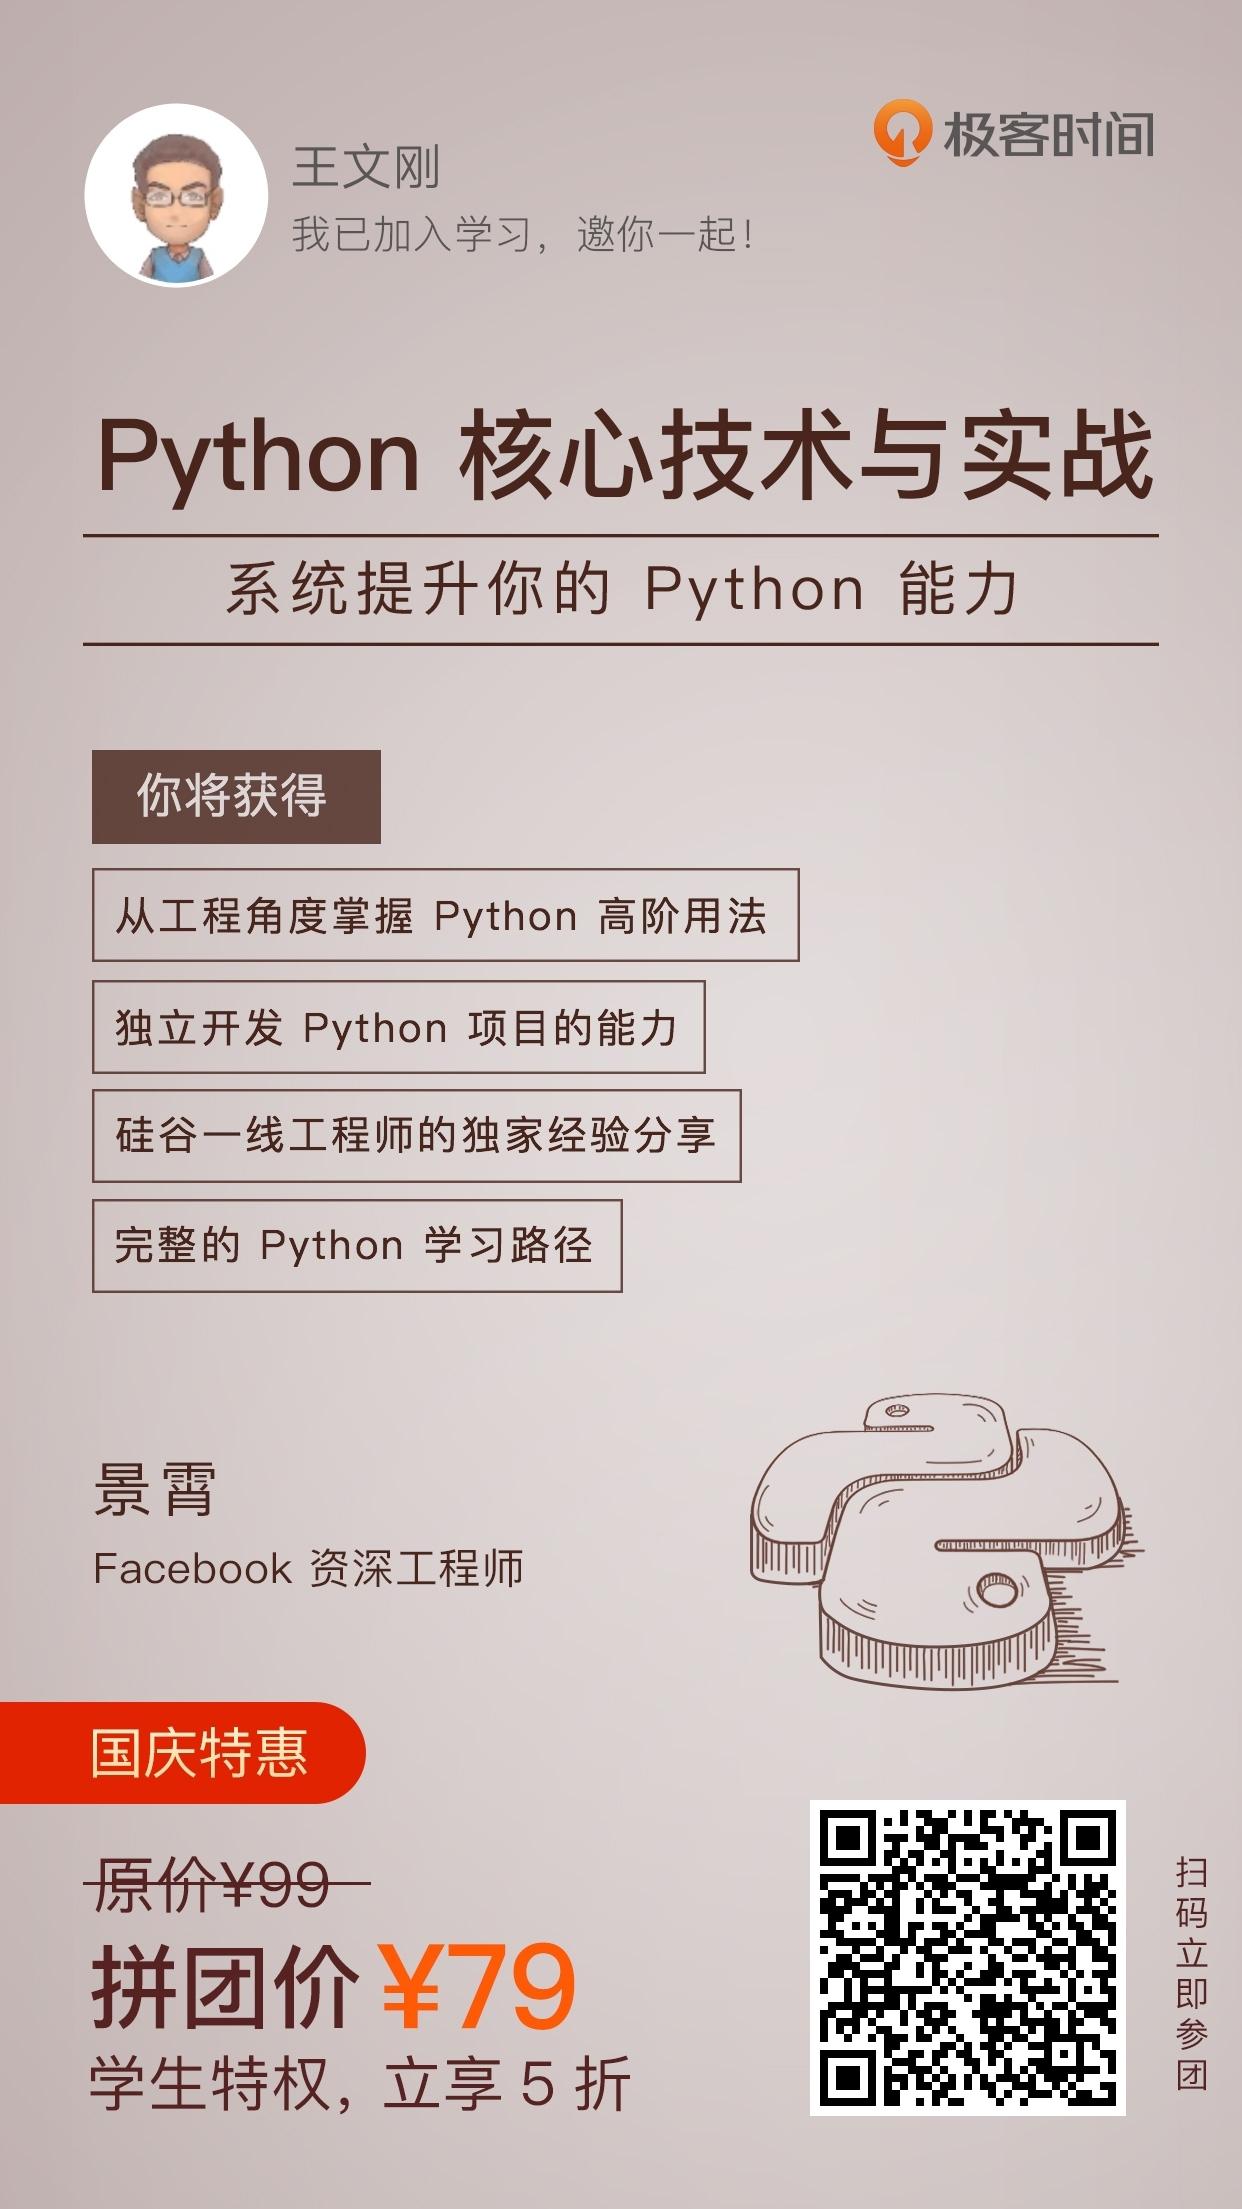 《极客时间》 - 《Python核心技术与实战》 拼团